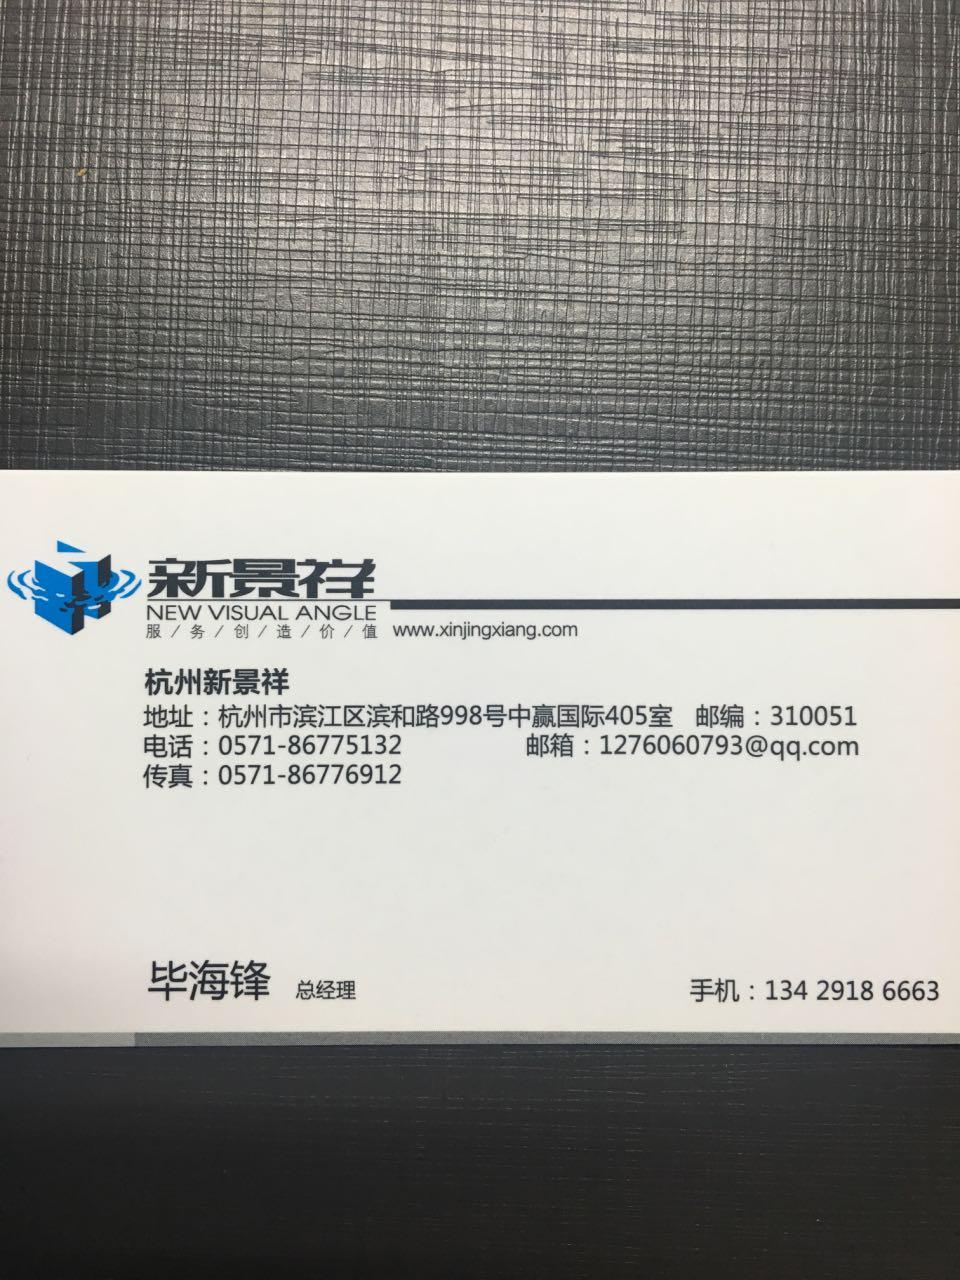 来自毕海锋发布的商务合作信息:杭州地区房地产代理销售业务... - 杭州新景祥